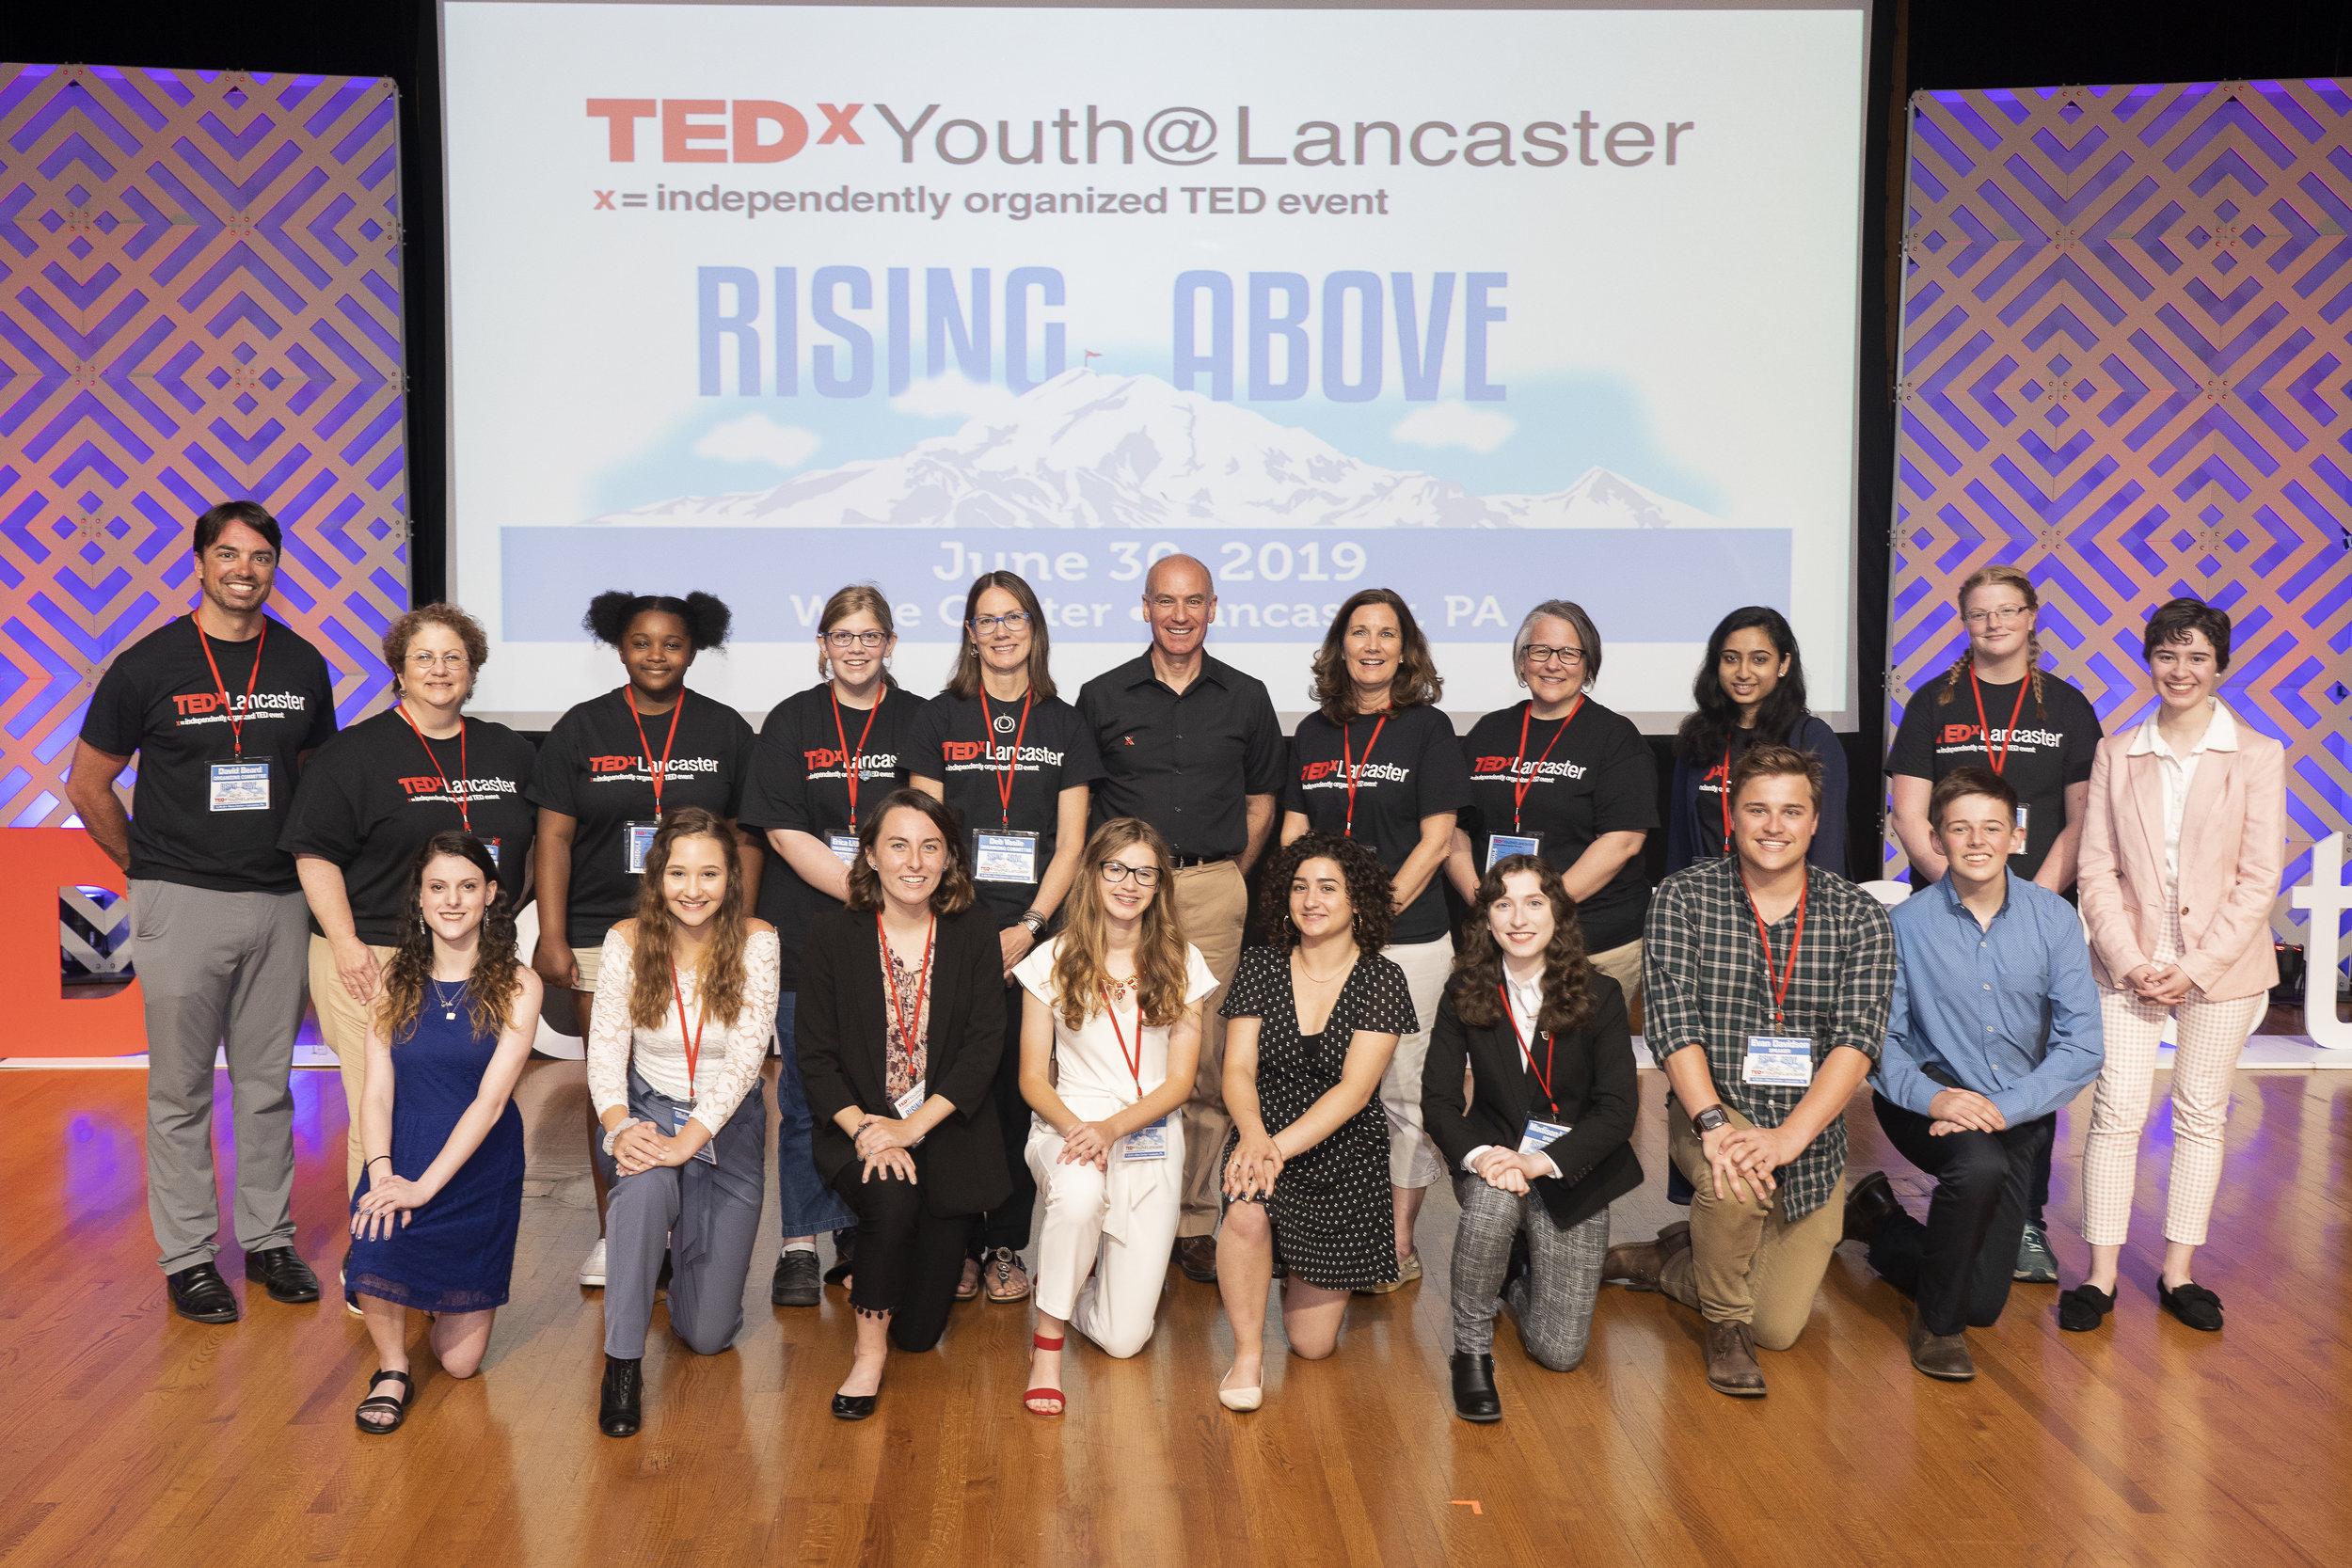 speakers-emcee-organizing-committee-and-volunteers_48522575066_o.jpg